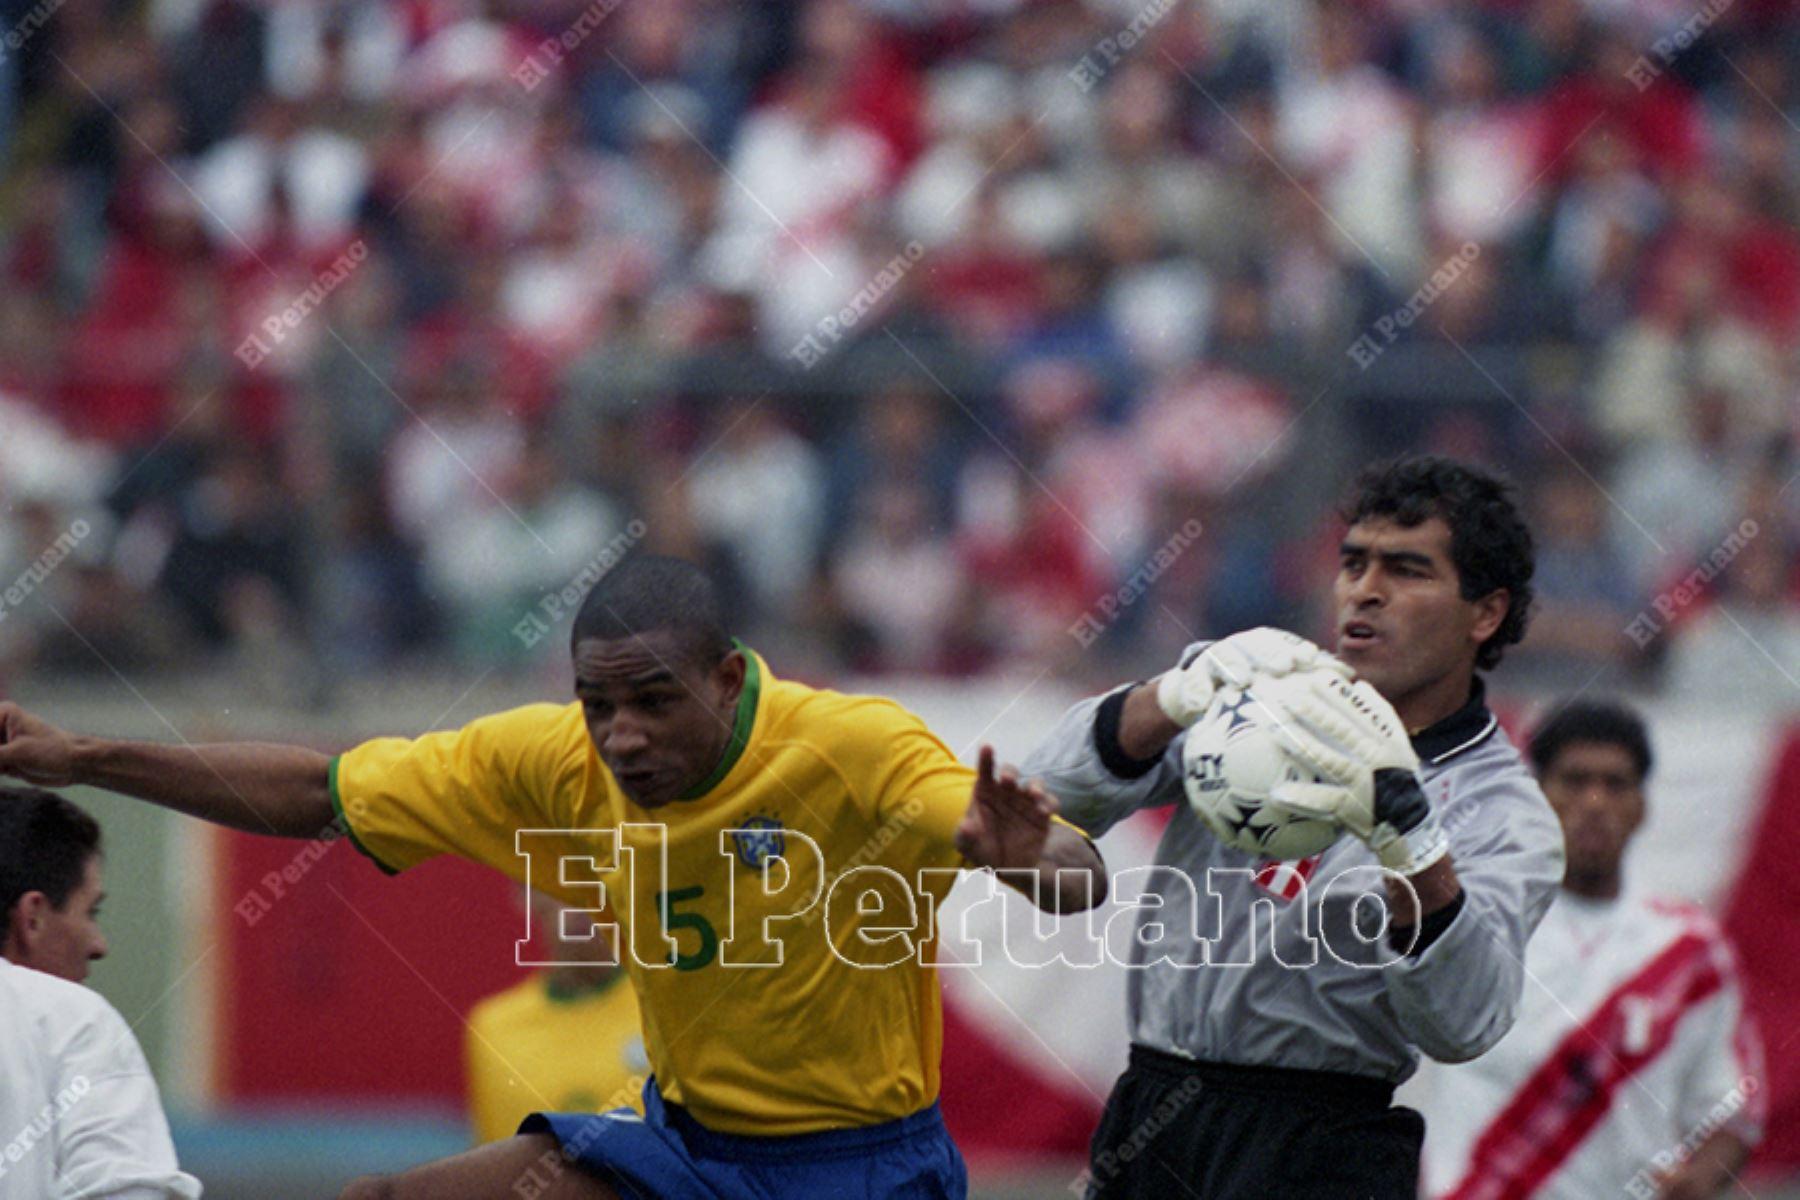 Lima - 4 junio 2000 / El portero Miguel Miranda en el partido entre Perú y Brasil por la tercera fecha de las eliminatorias al mundial Corea-Japón 2002.  Foto: Diario El Peruano / Jack Ramón